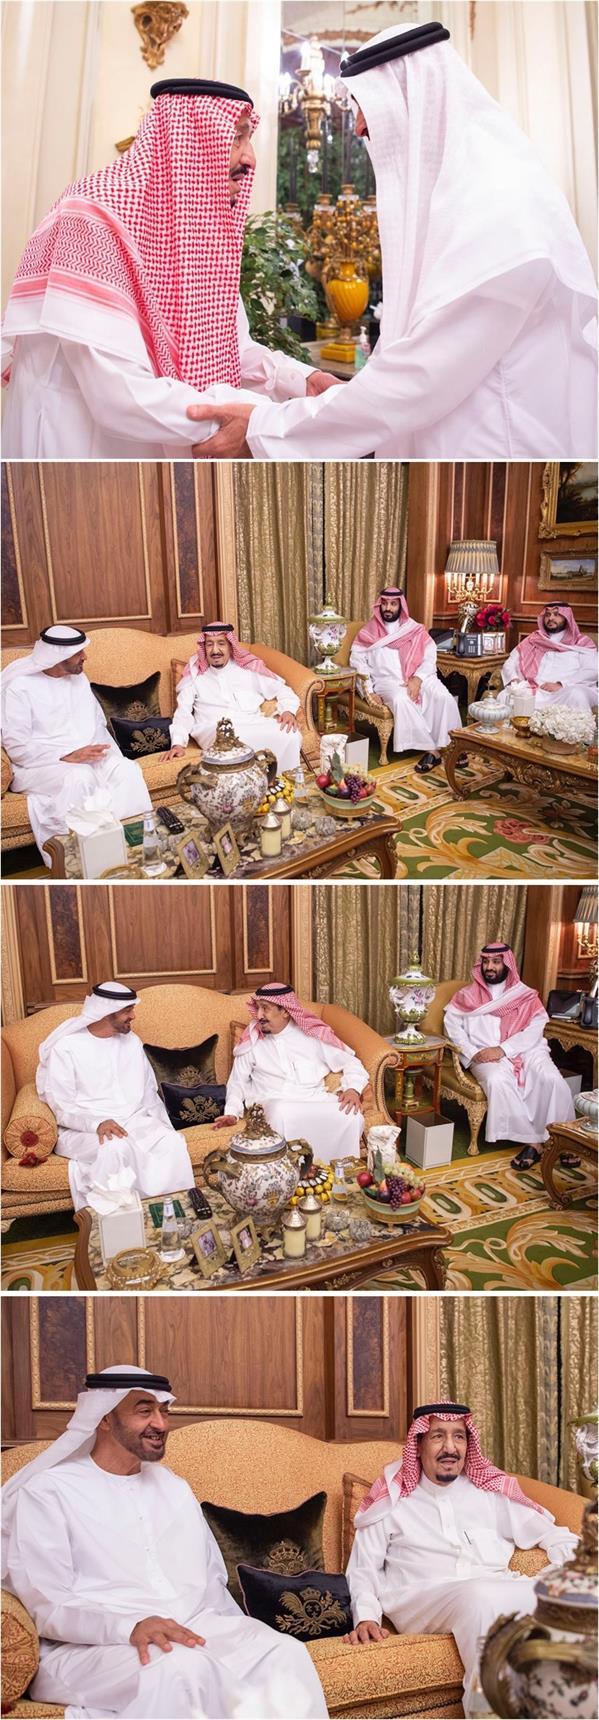 خادم الحرمين الشريفين يستقبل الشيخ محمد بن زايد آل نهيان.